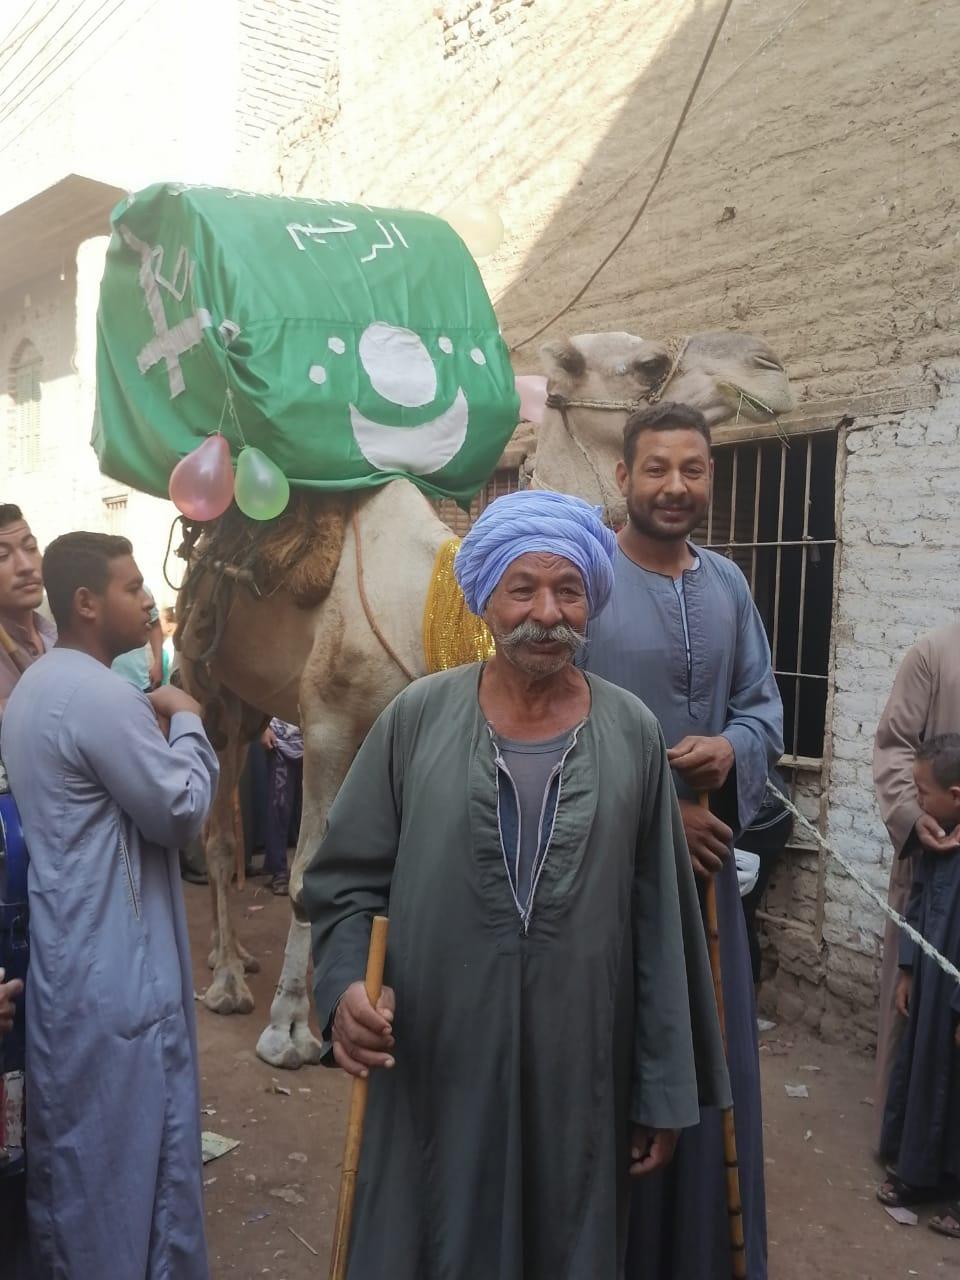 المئات من المسلمين والأقباط يحتفلون بالمولد النبوى (2)